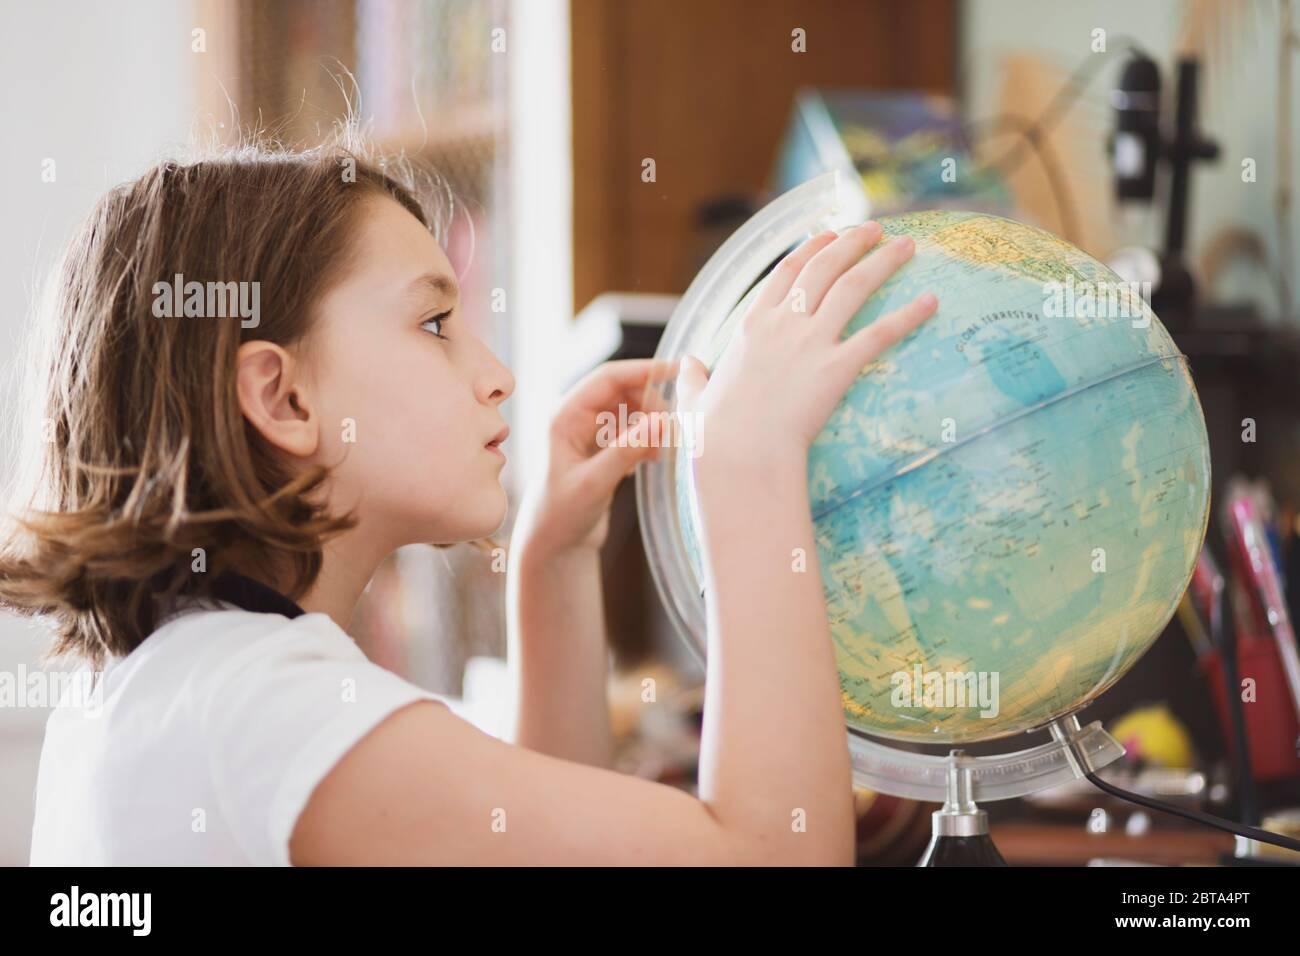 Une jeune fille qui sime à son bureau et regarde un globe. Banque D'Images